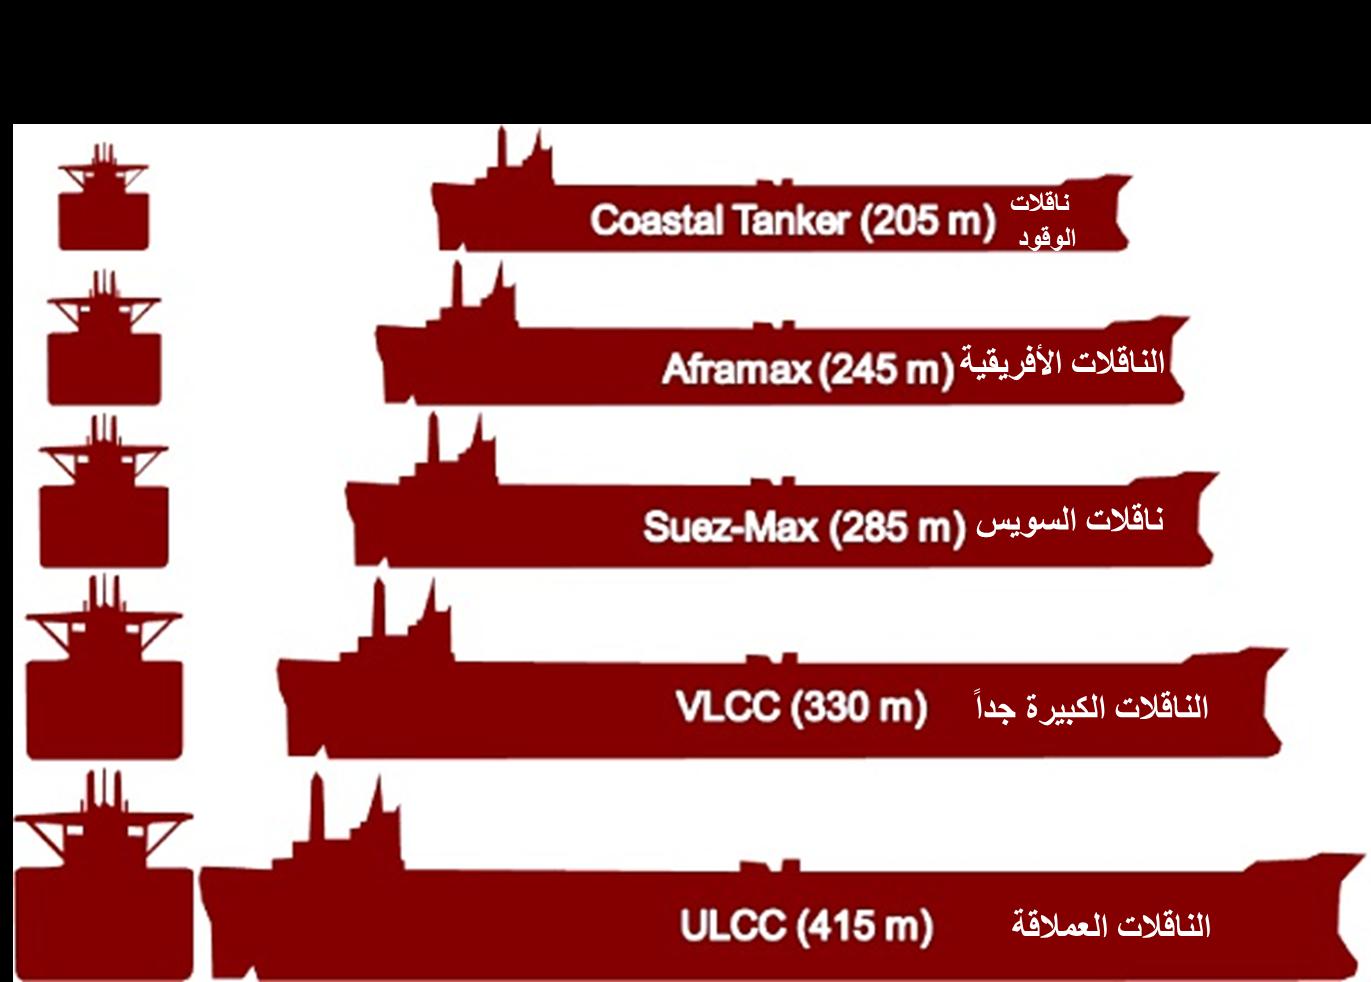 أنواع ناقلات النفط